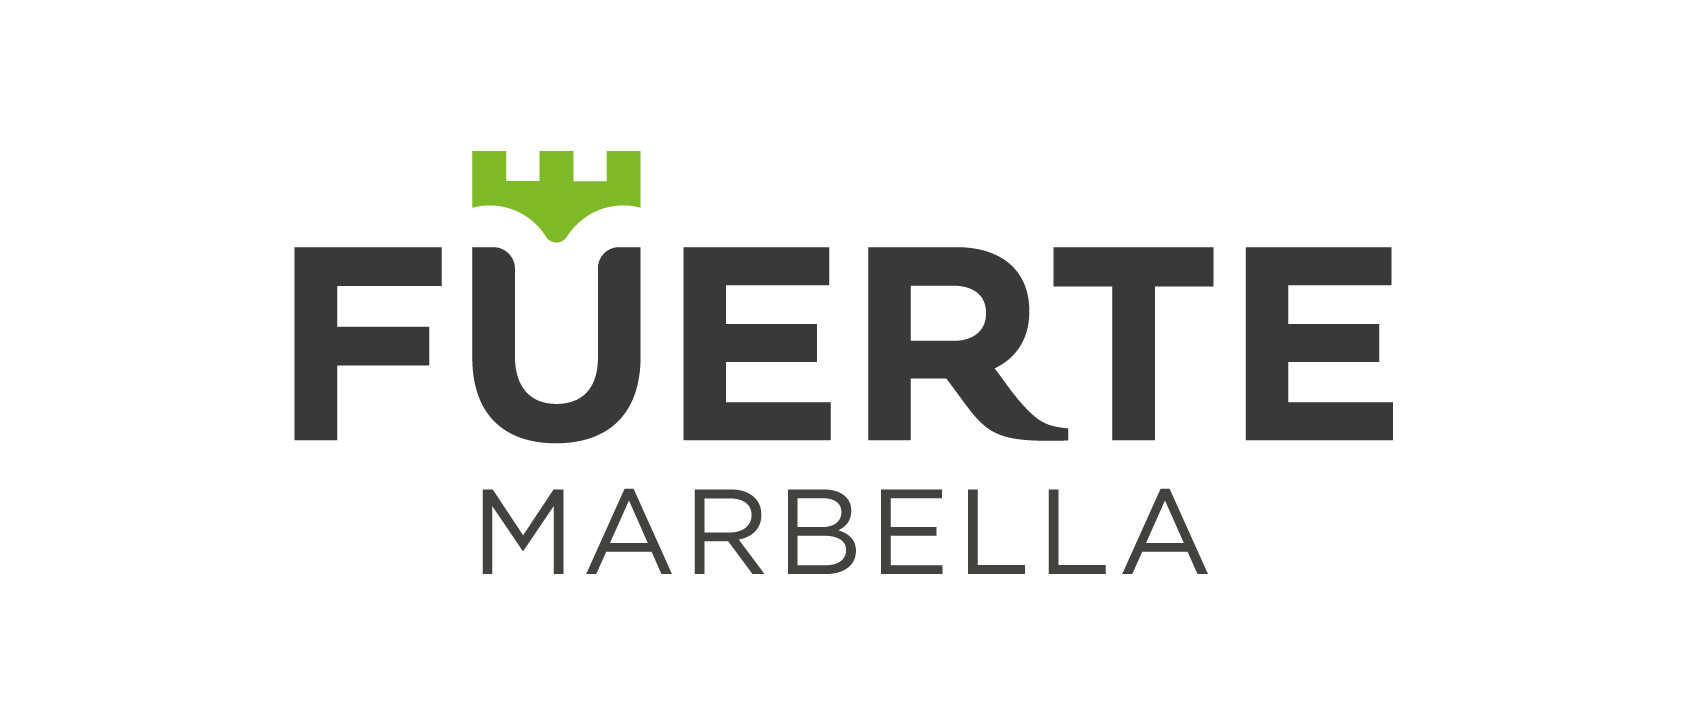 Fuerte Marbella QrCarta